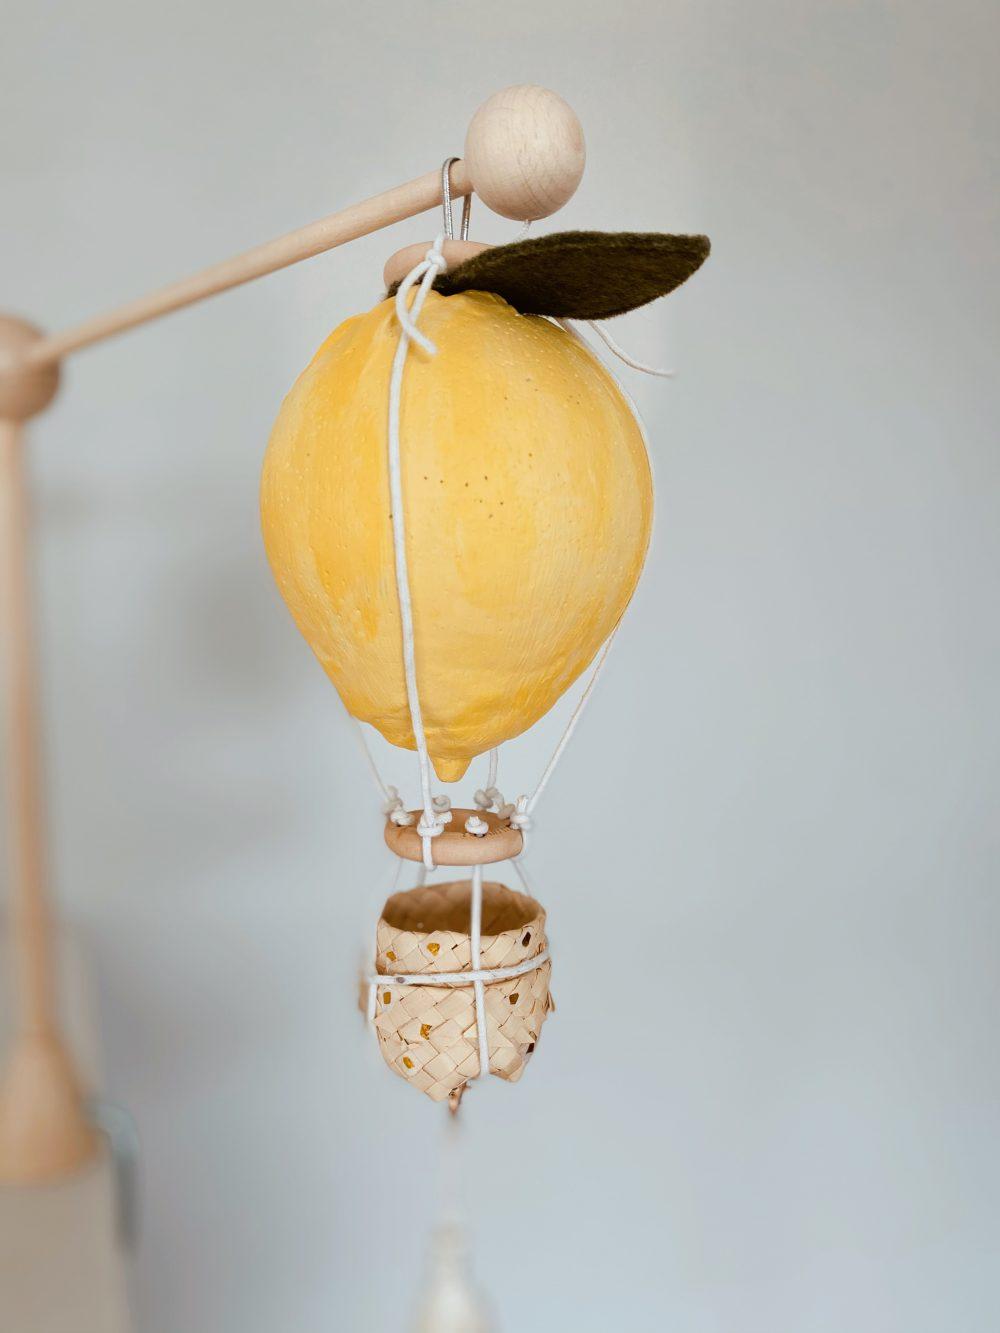 Lemon Balloon 5